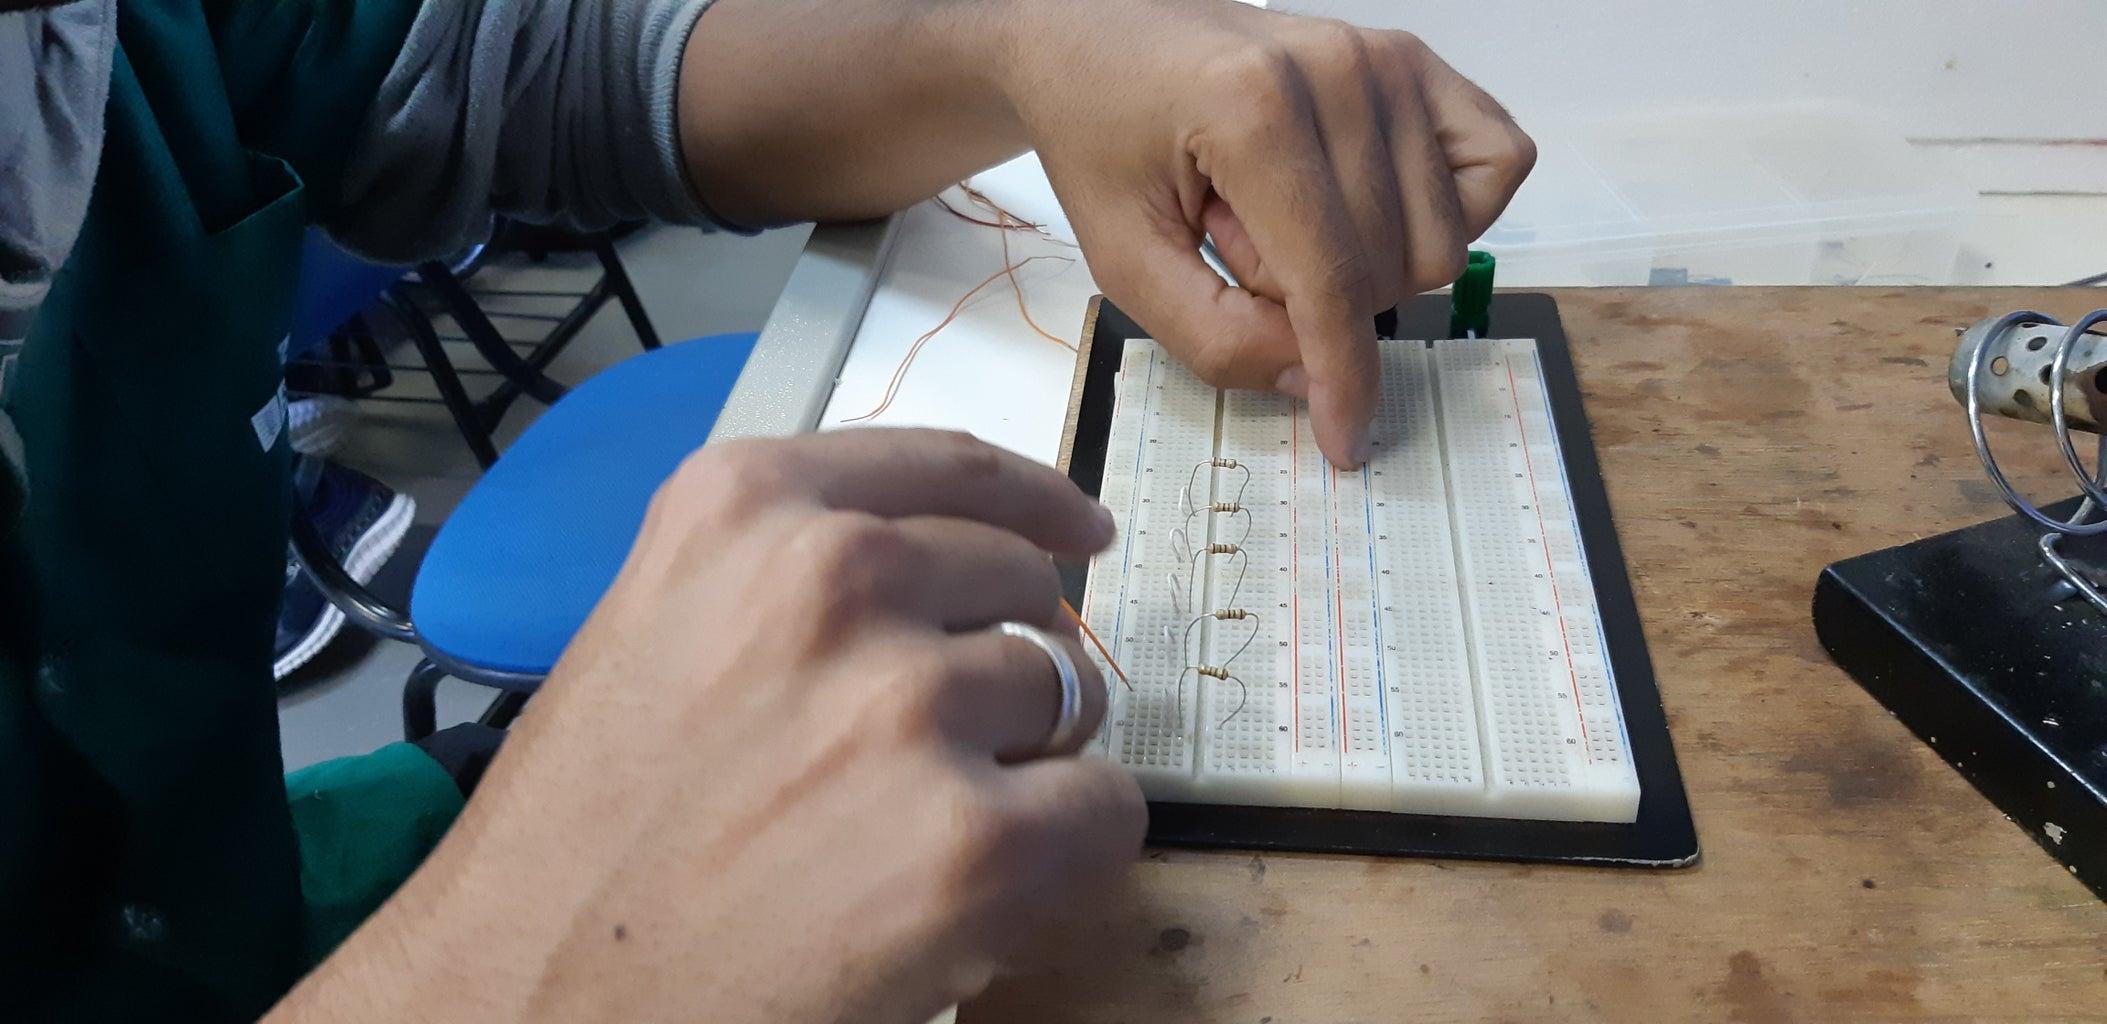 Conectar Os Resistores E LEDs No Protoboard